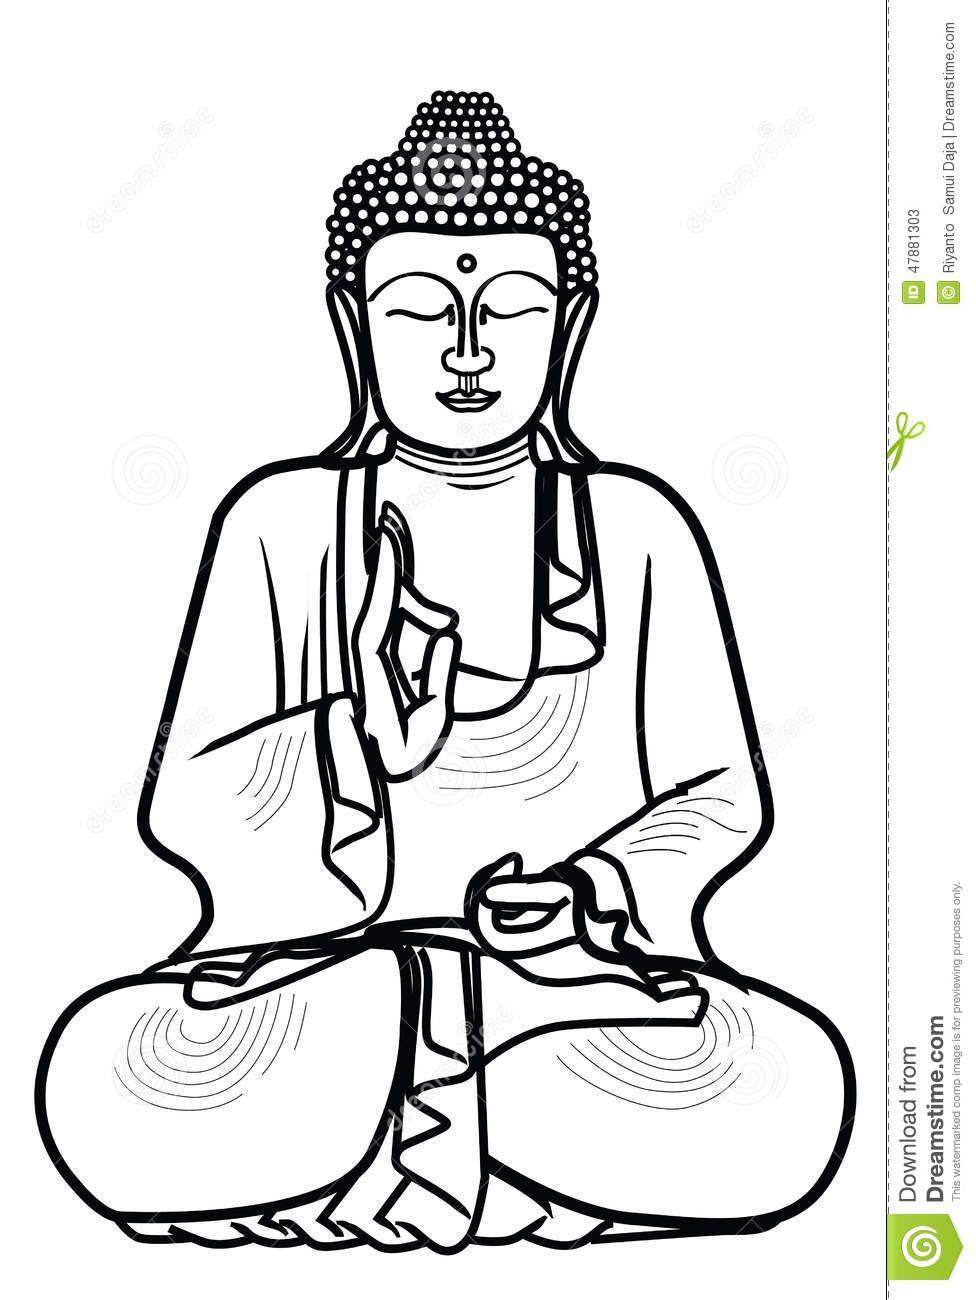 Pin On Buda Zen Yoga Hamsa Buddha Ioga Budda Dzen Joga